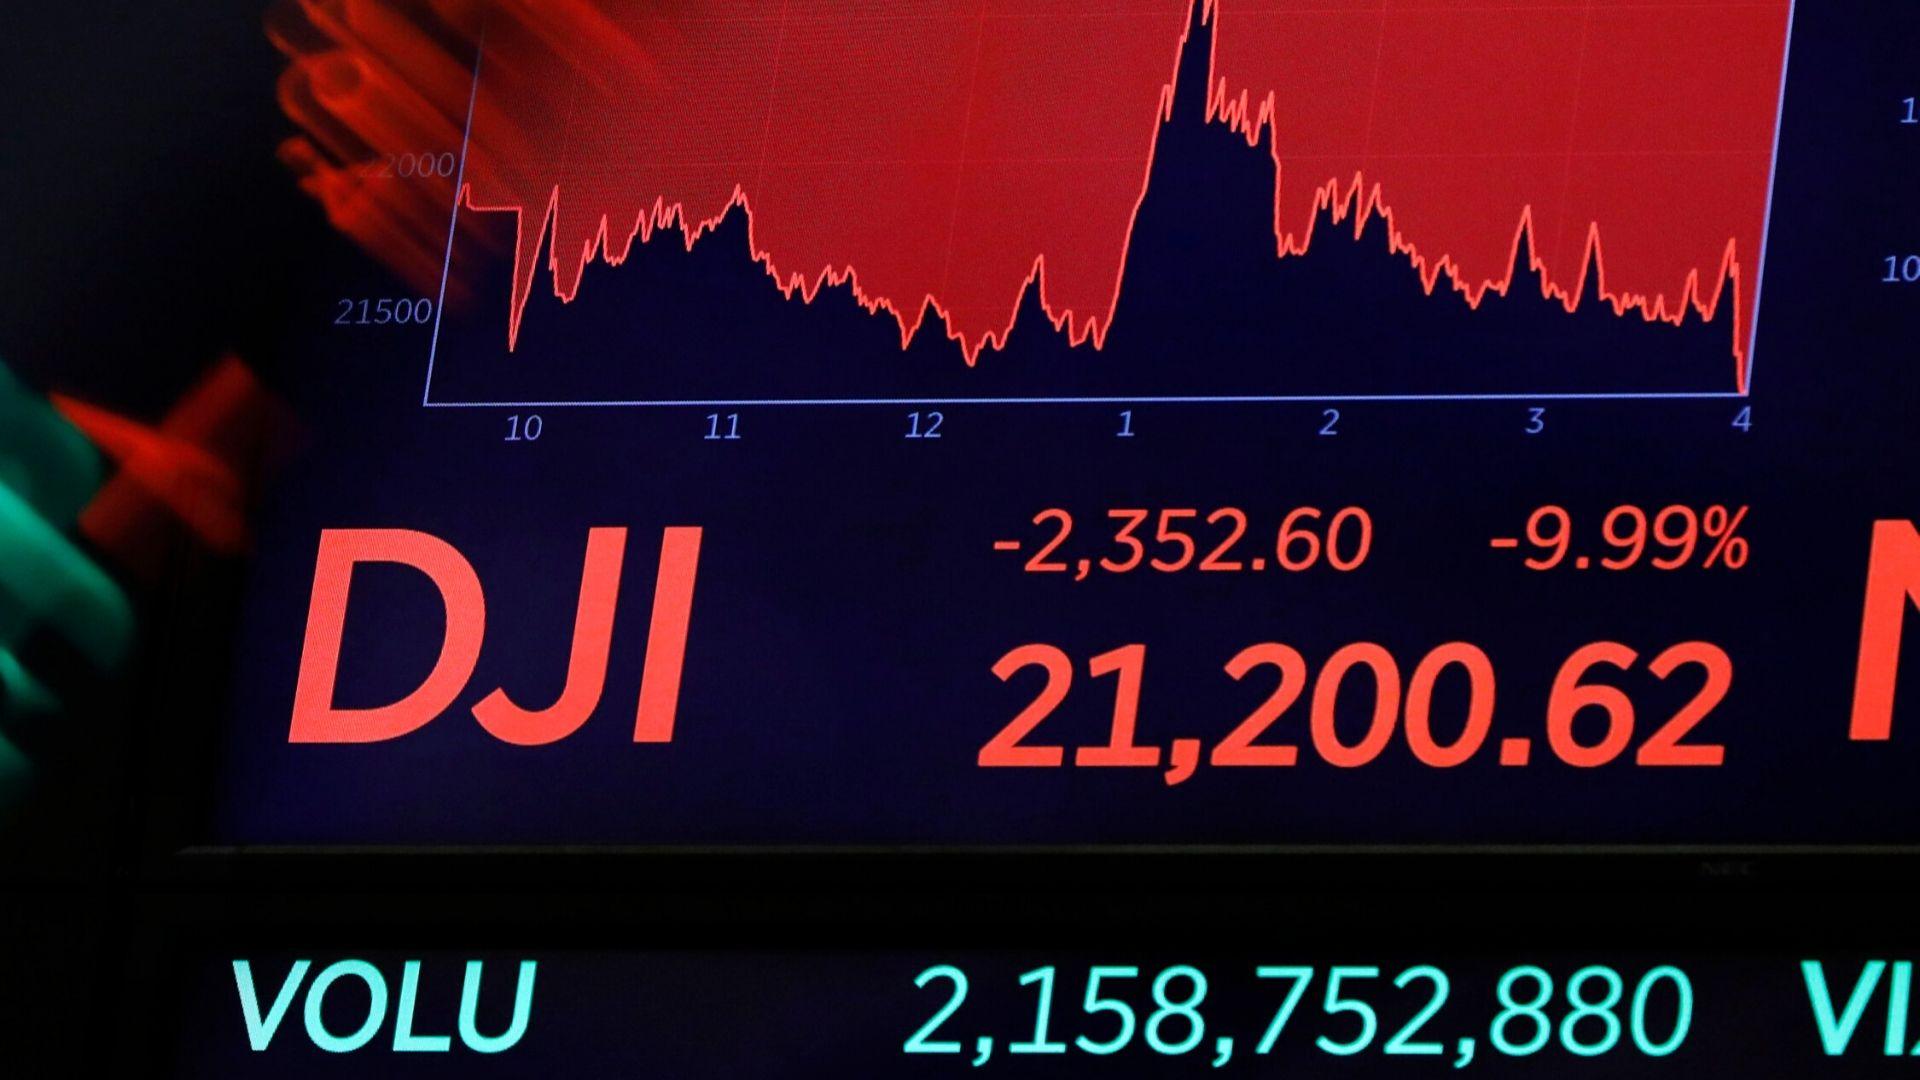 აშშ-ის საფონდო ინდექსები ეკონომიკური სტიმულის დაანონსების შემდეგ რეკორდულად იზრდება • ForbesWoman